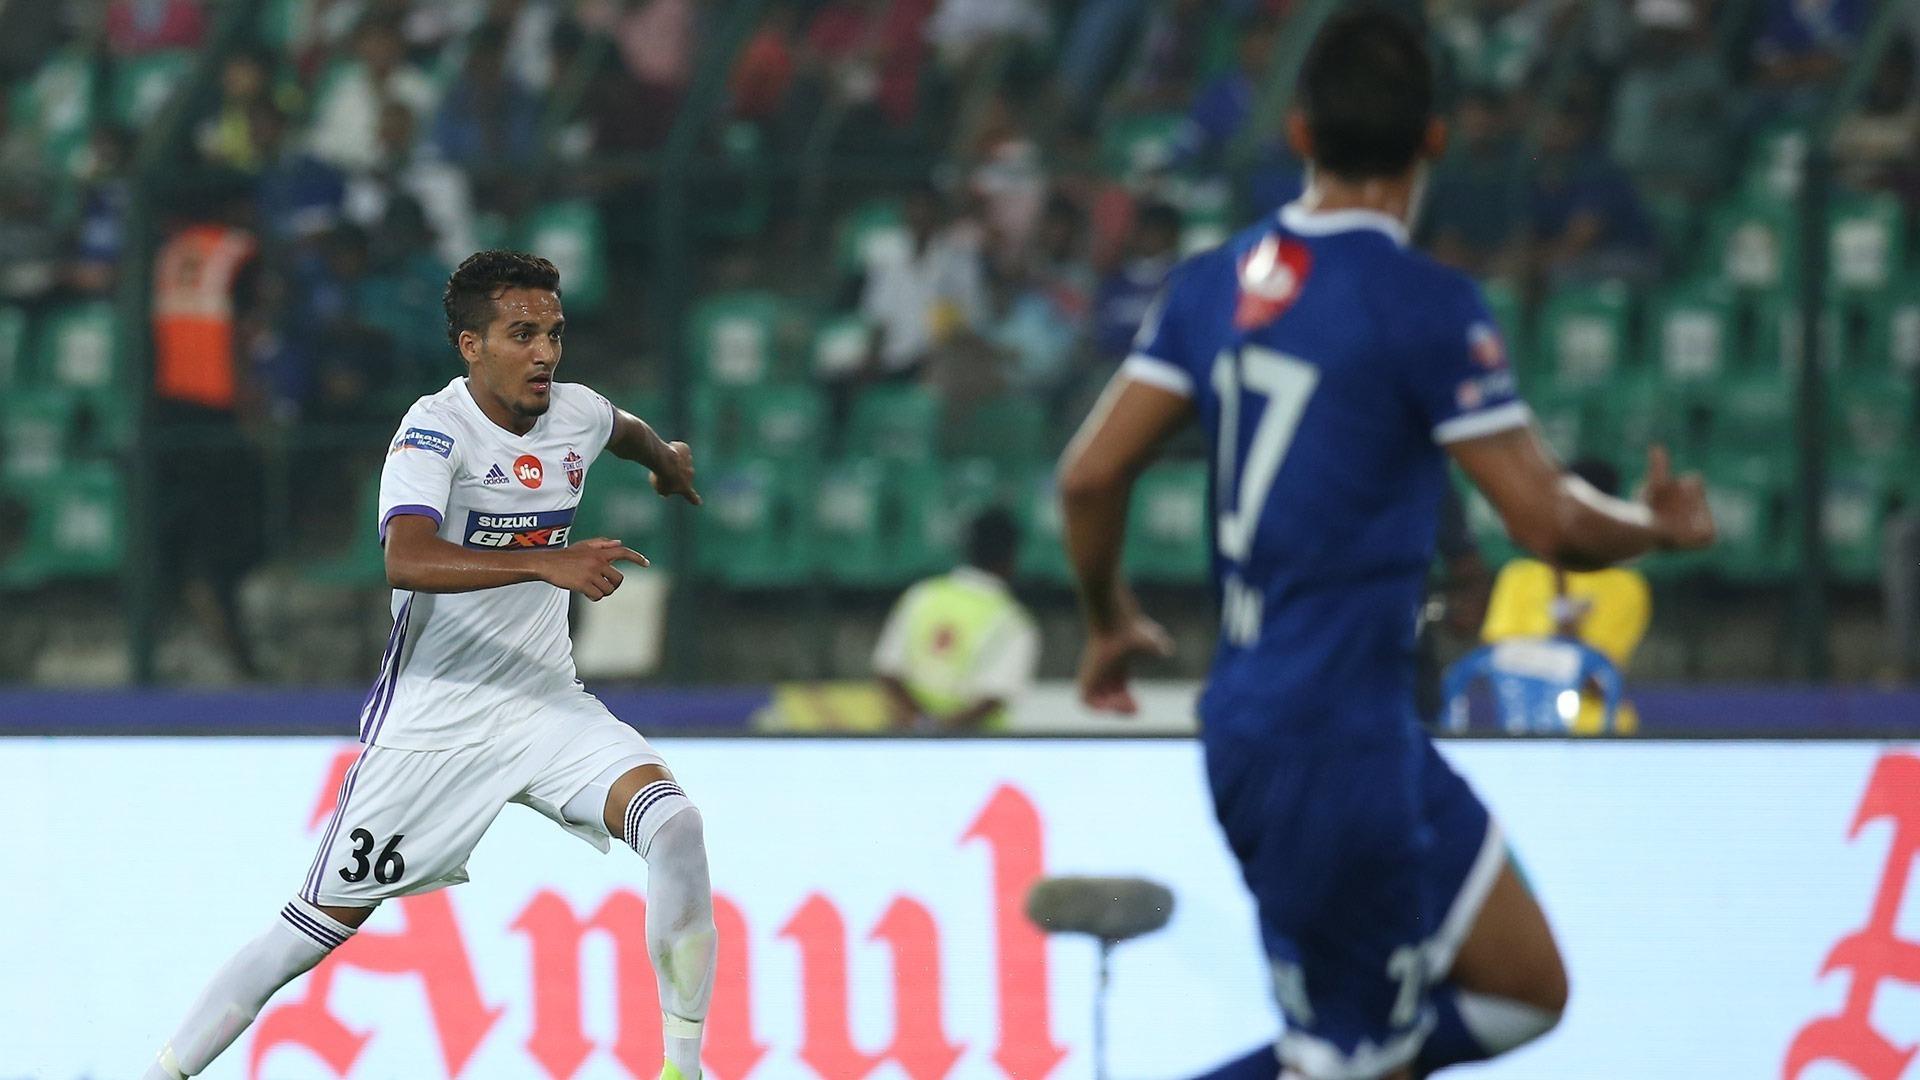 Sahil Panwar